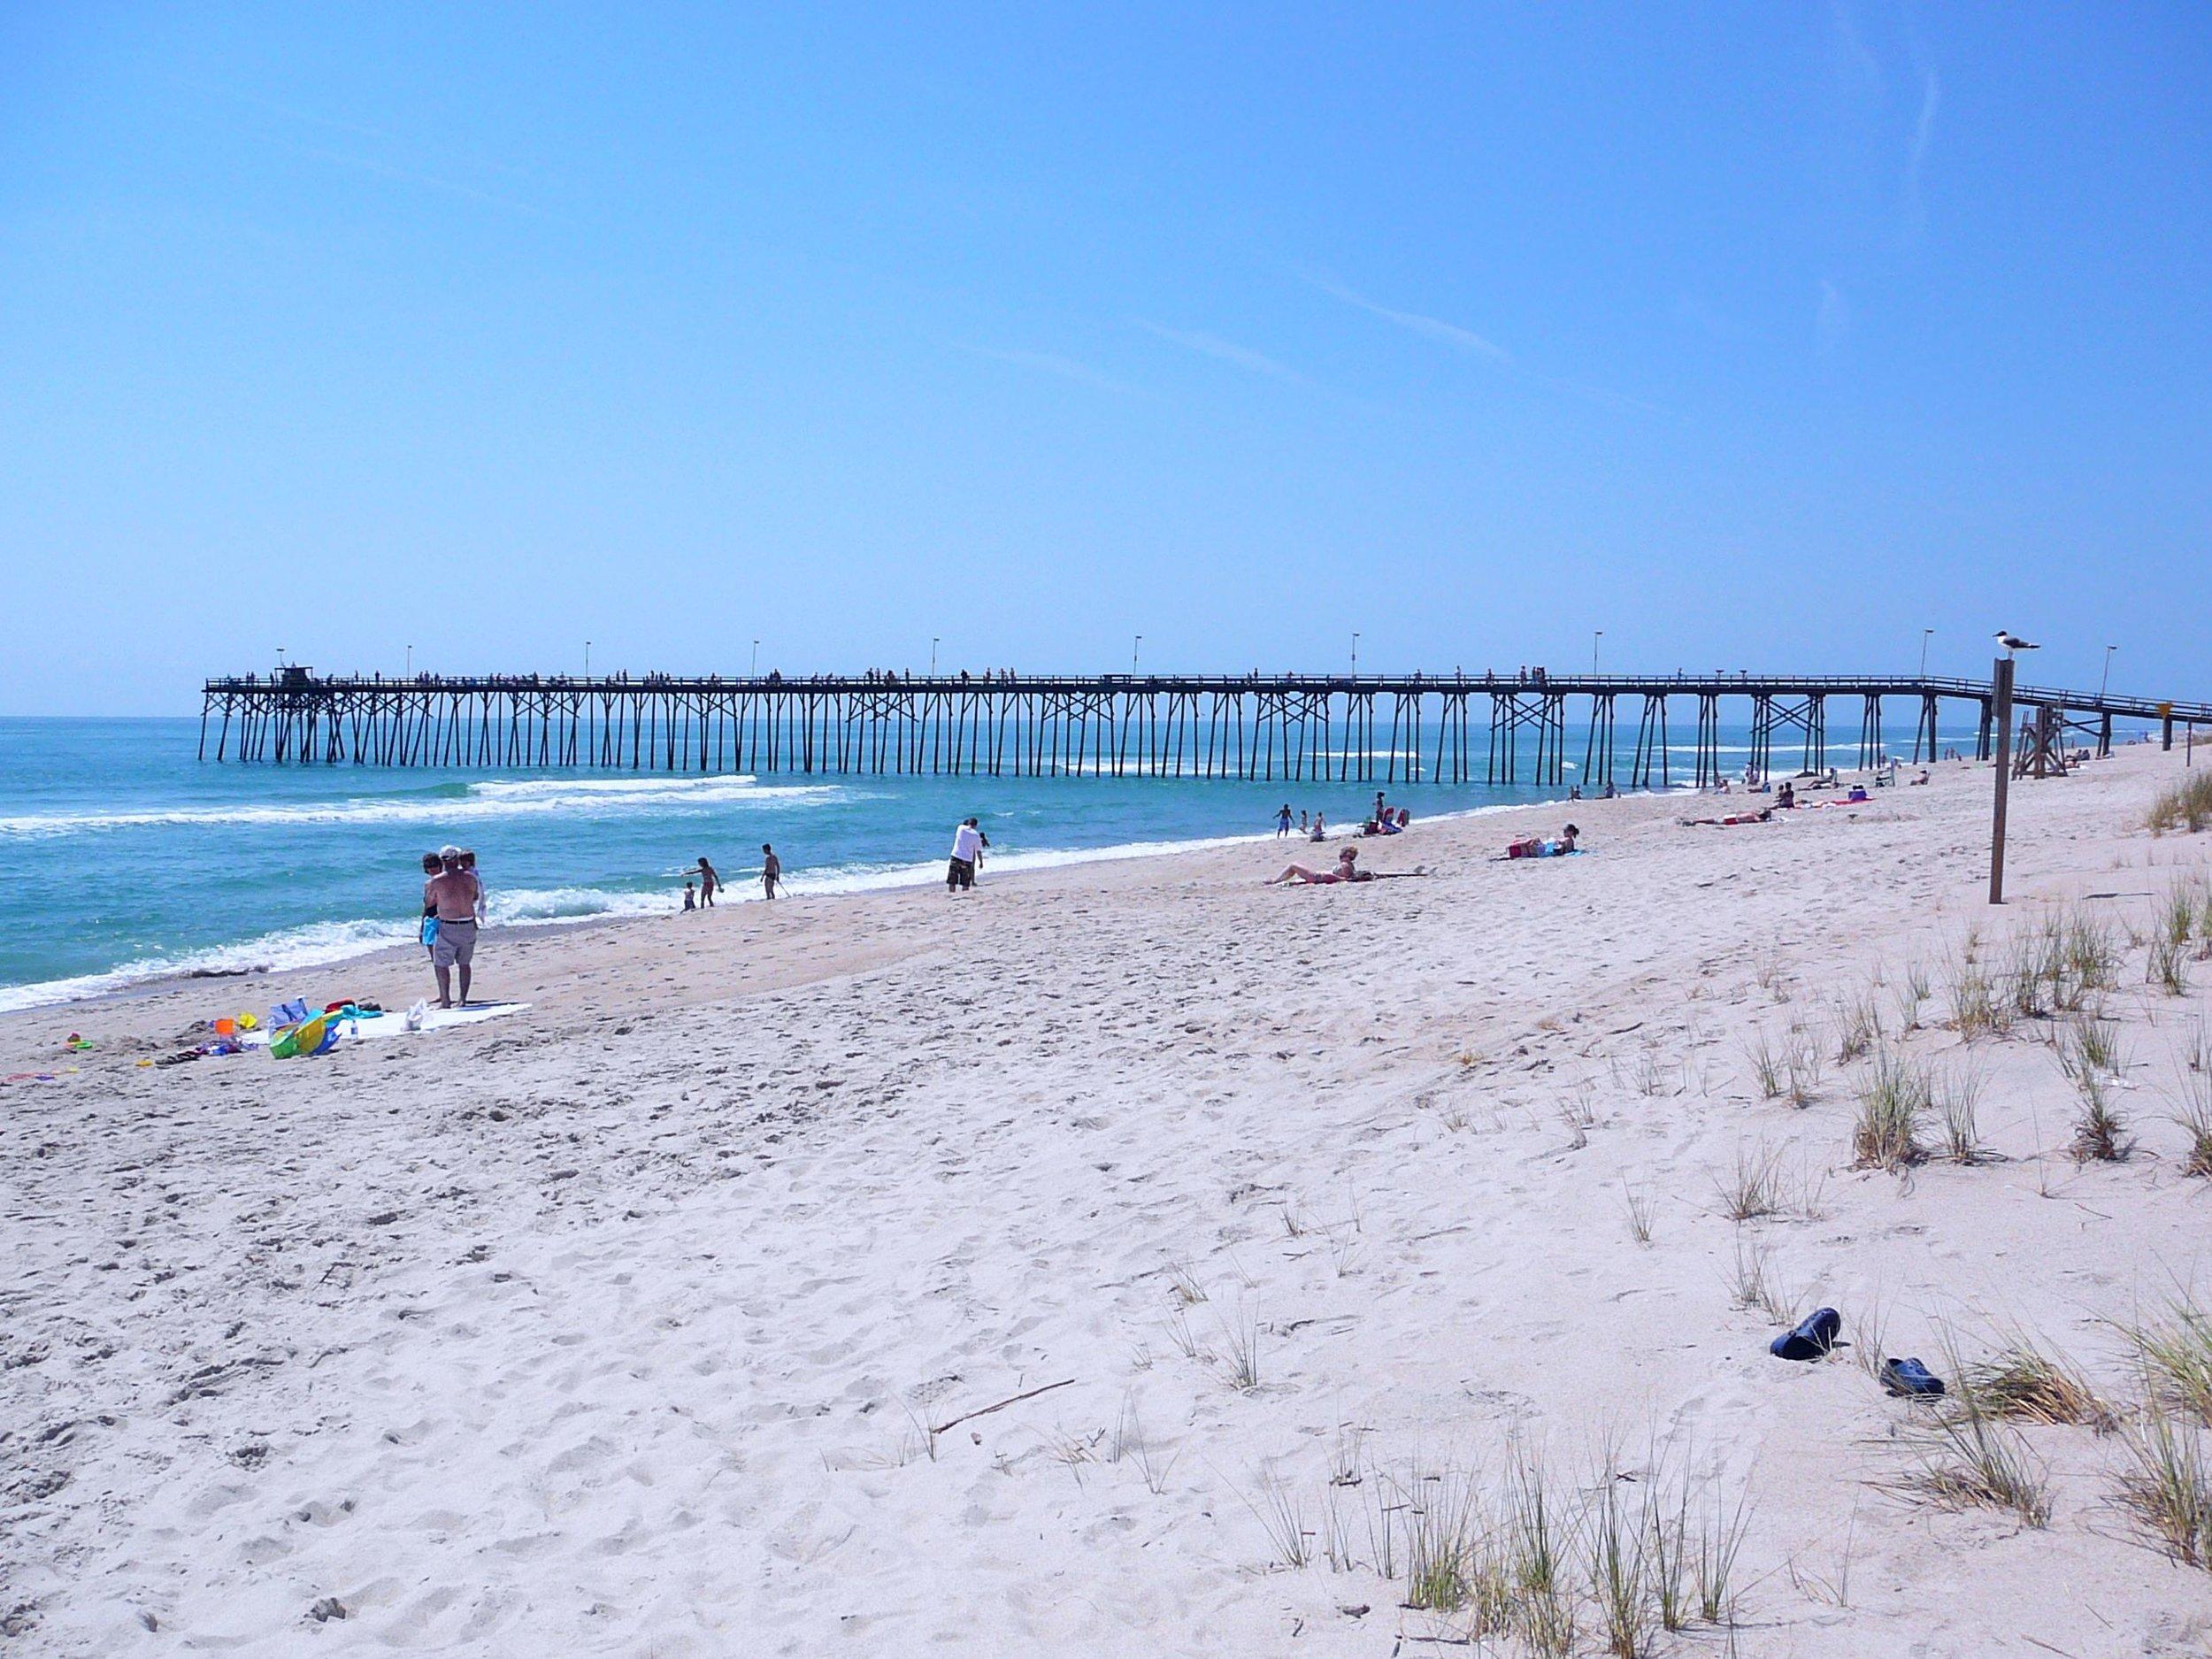 202 N Fort Fisher Blvd Unit 8-print-034-32-Beautiful beach strand right-2560x1920-300dpi.jpg